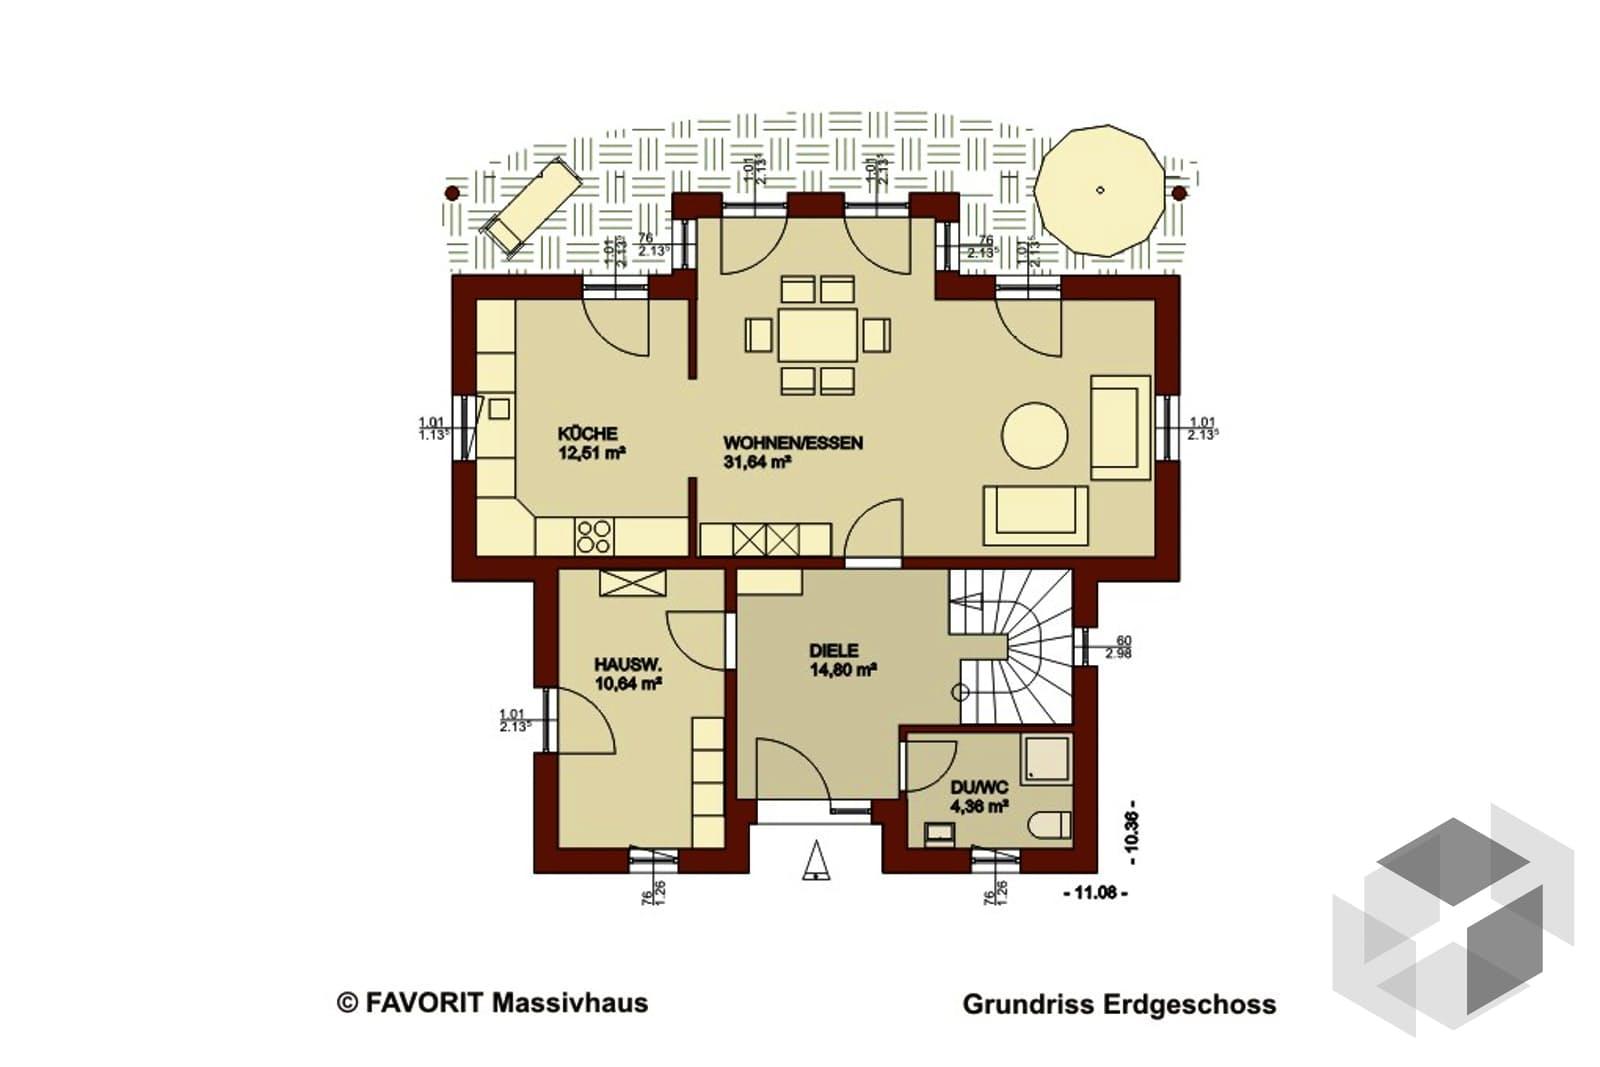 ambiente 135 von favorit massivhaus komplette daten bersicht. Black Bedroom Furniture Sets. Home Design Ideas